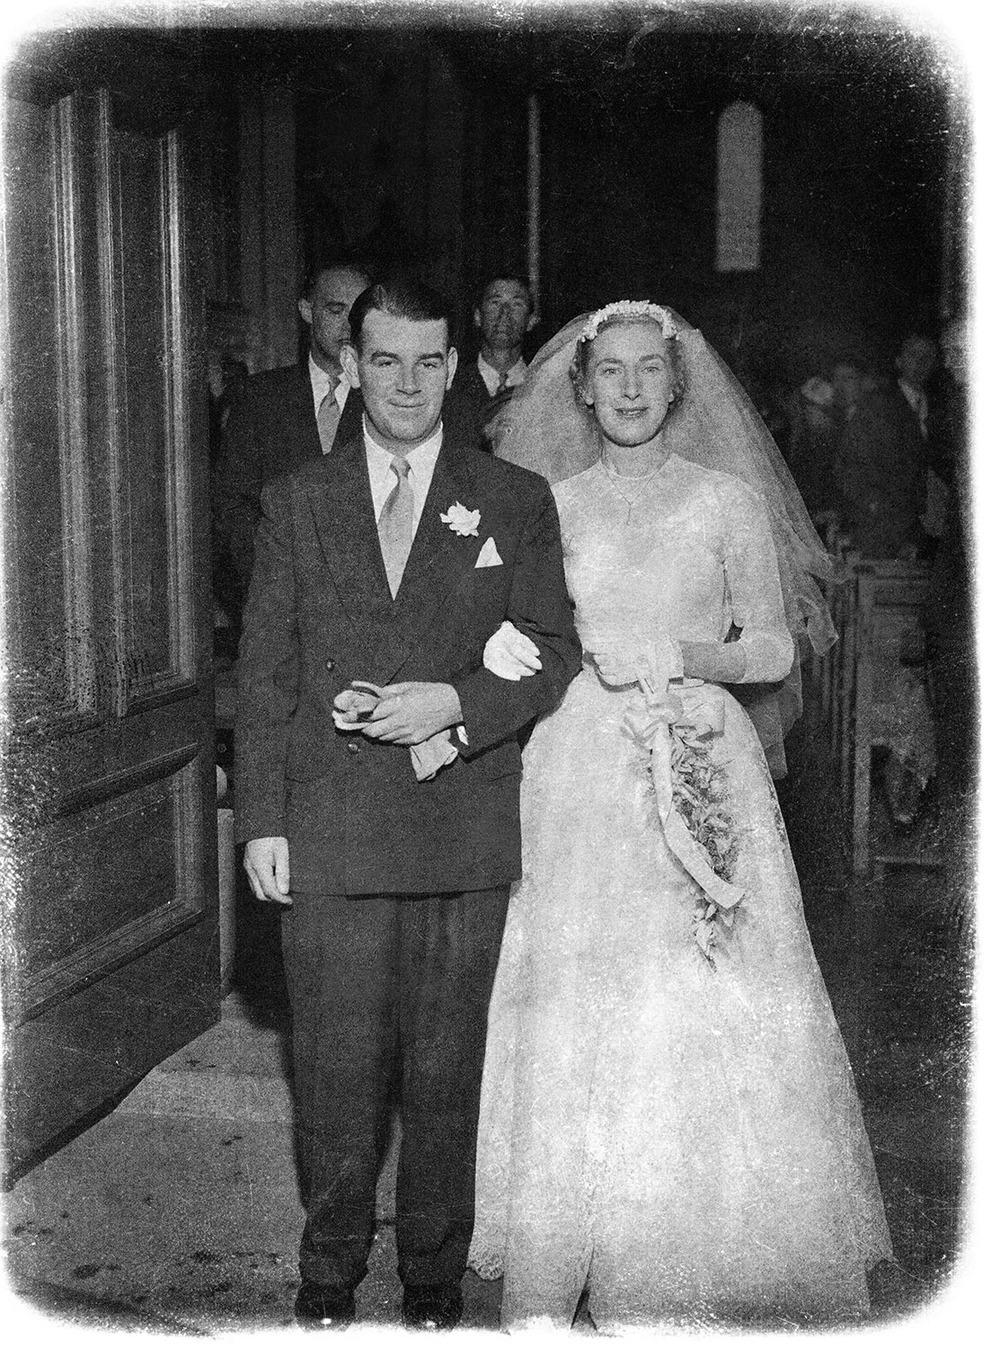 Murray-Jeanette wedding.jpg